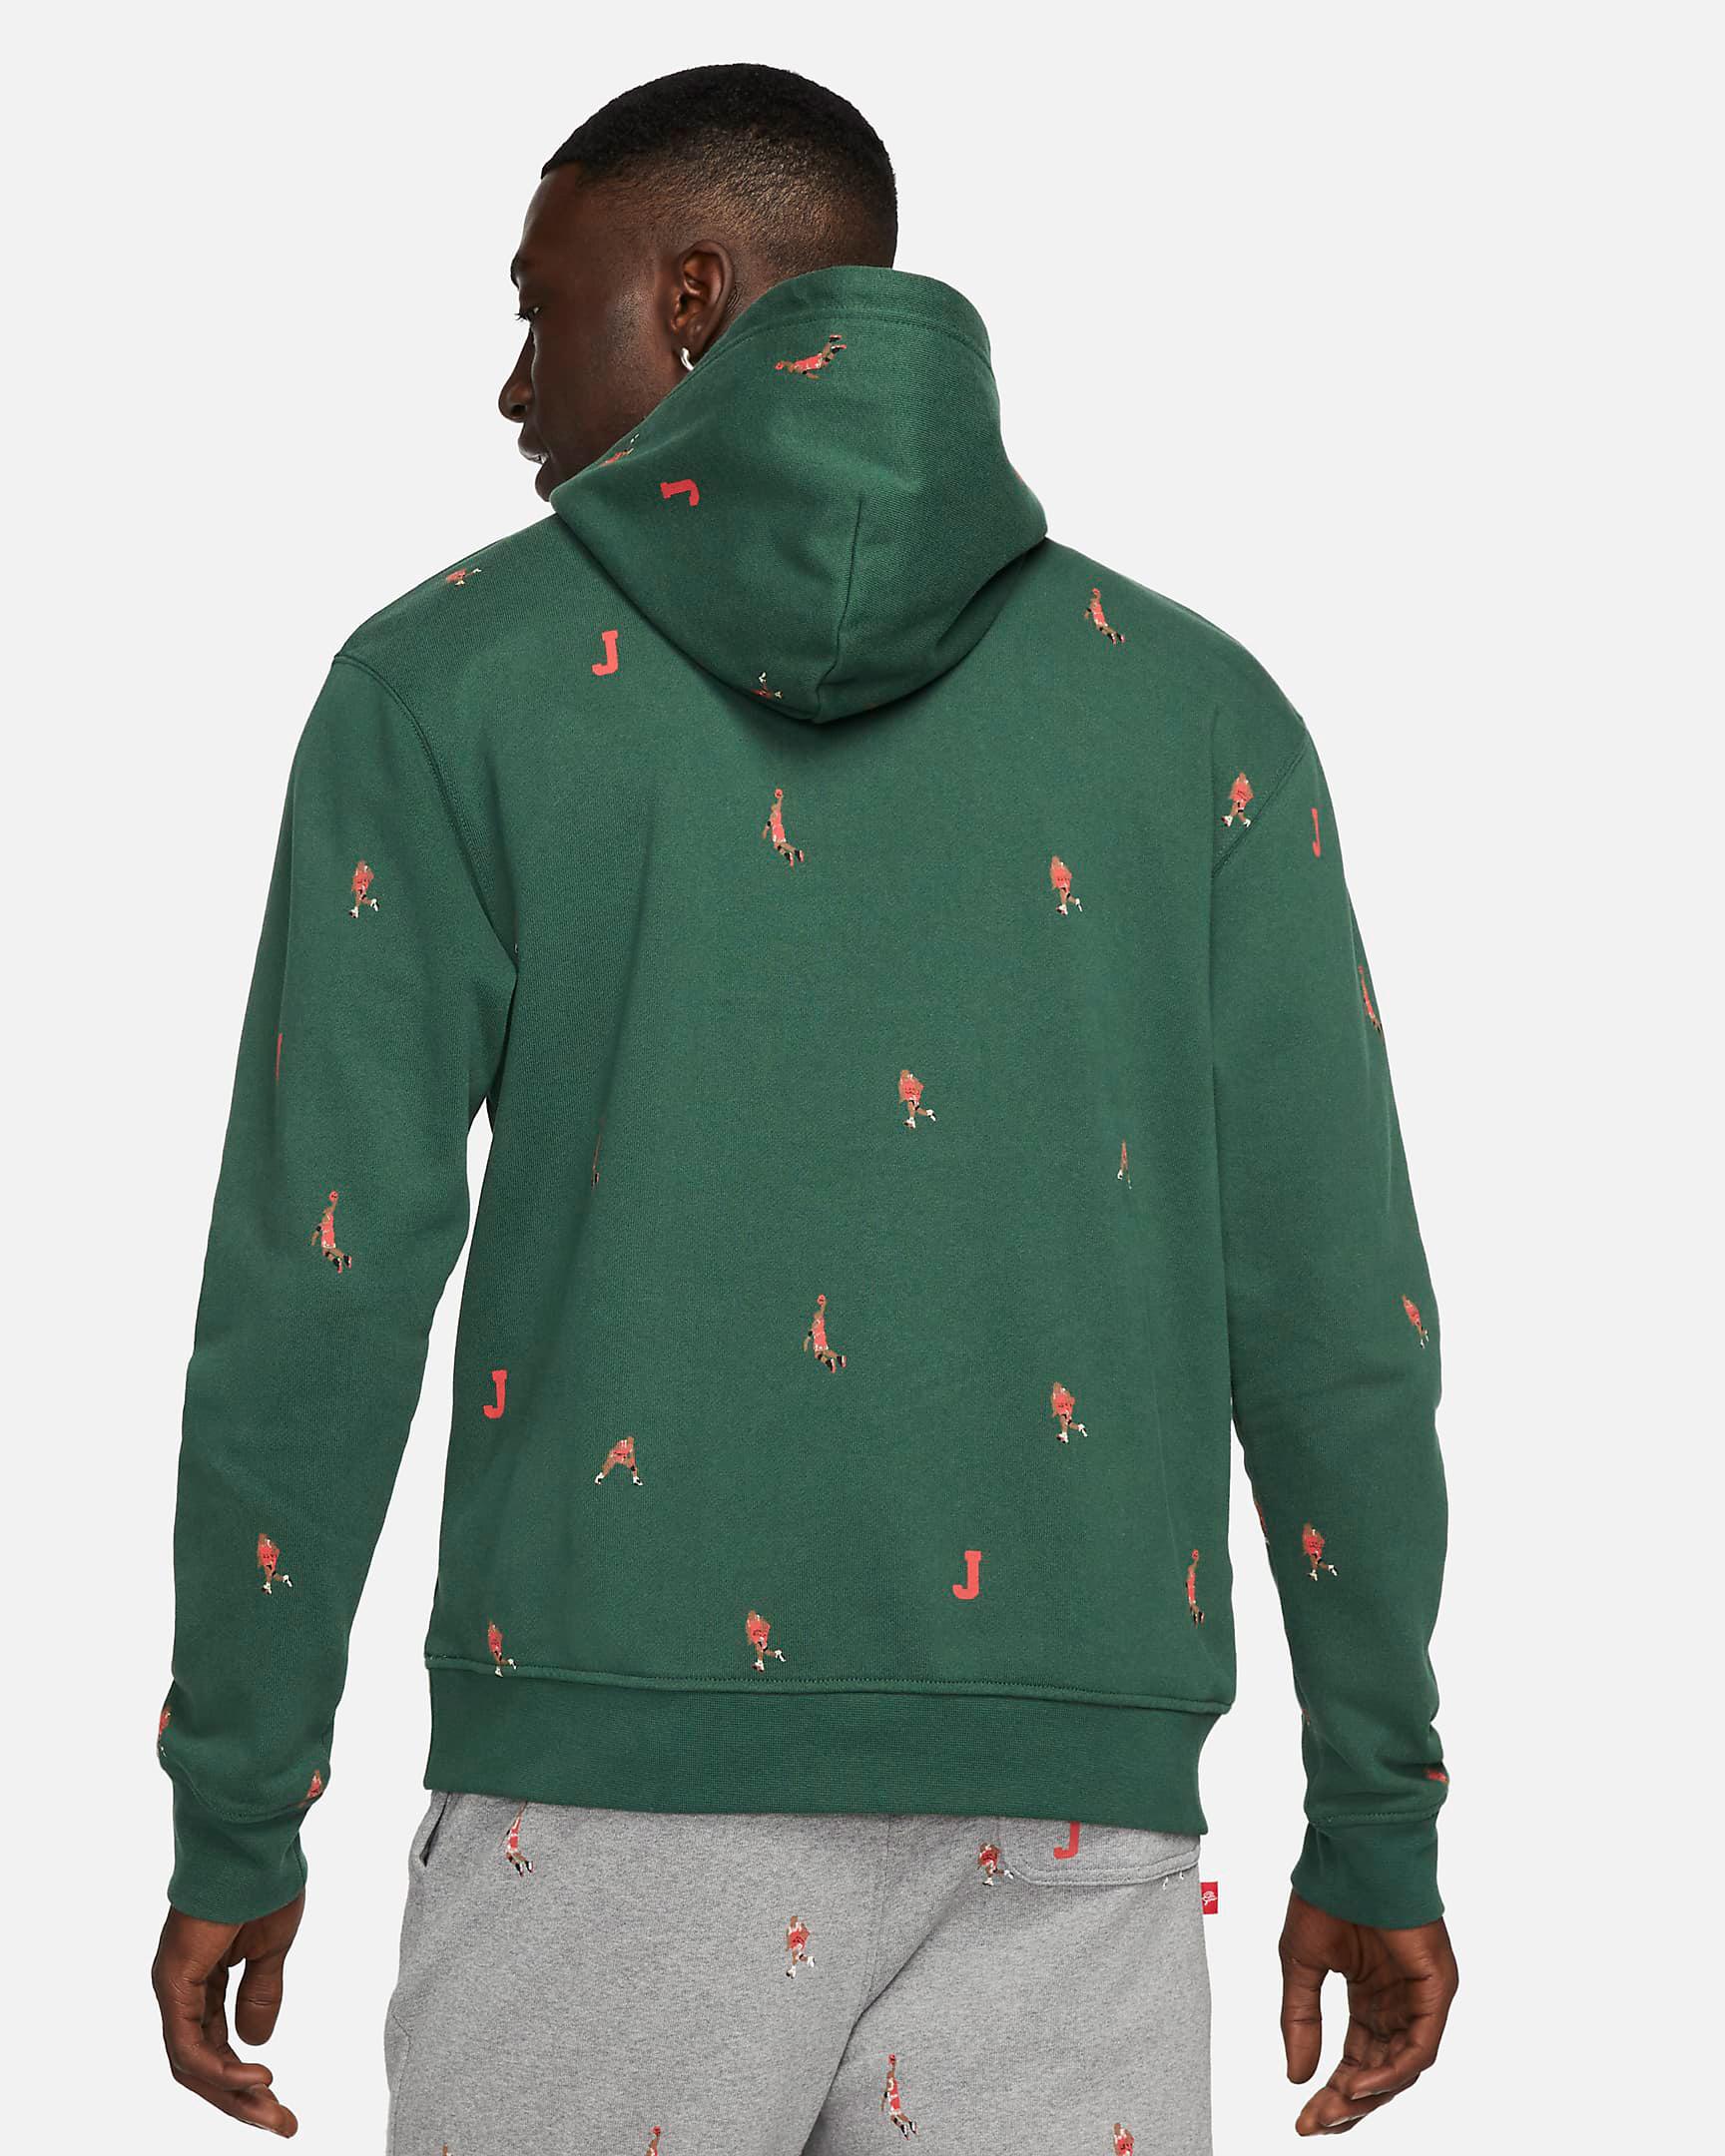 jordan-noble-green-essentials-printed-hoodie-2